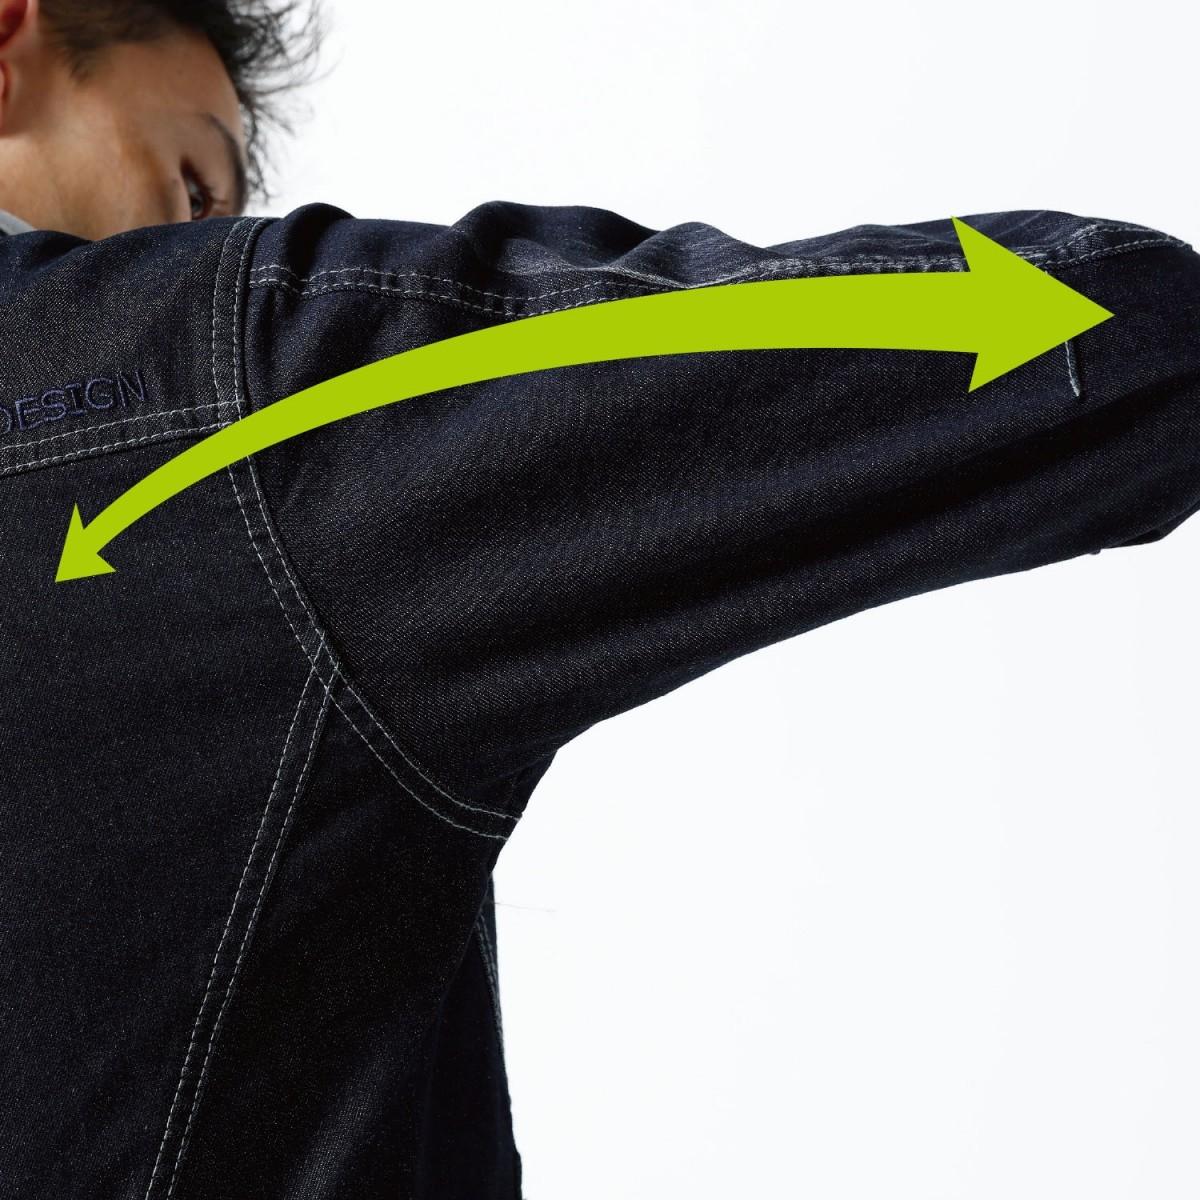 TS DESIGN 5116 ジャケット ¥5,940(税込)アームもぐっと伸びる、抜群のストレッチ性。